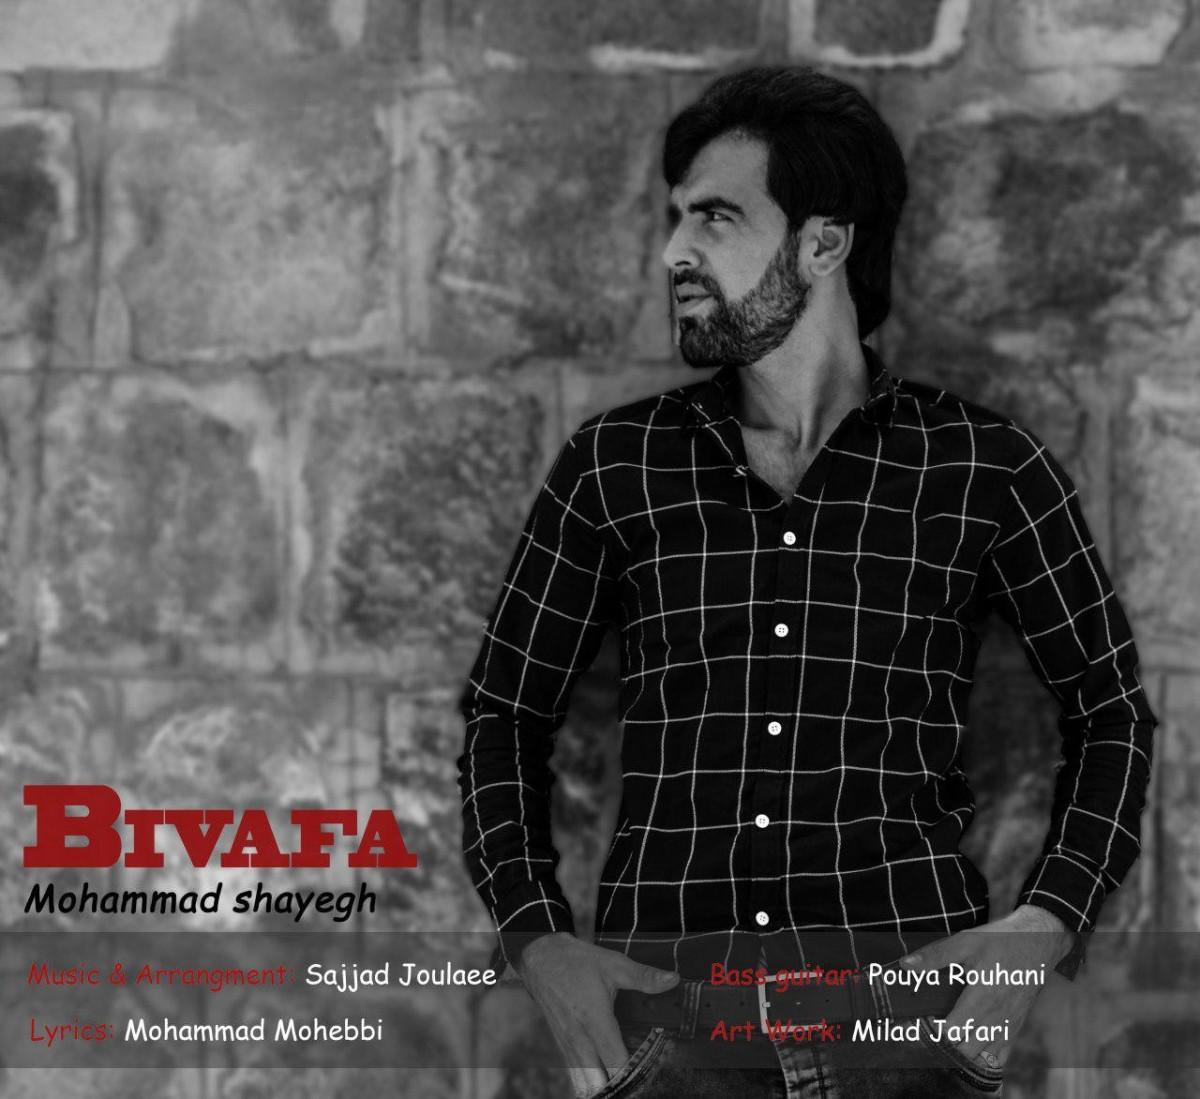 نامبر وان موزیک | دانلود آهنگ جدید Mohammad-Shayegh-Bivafa